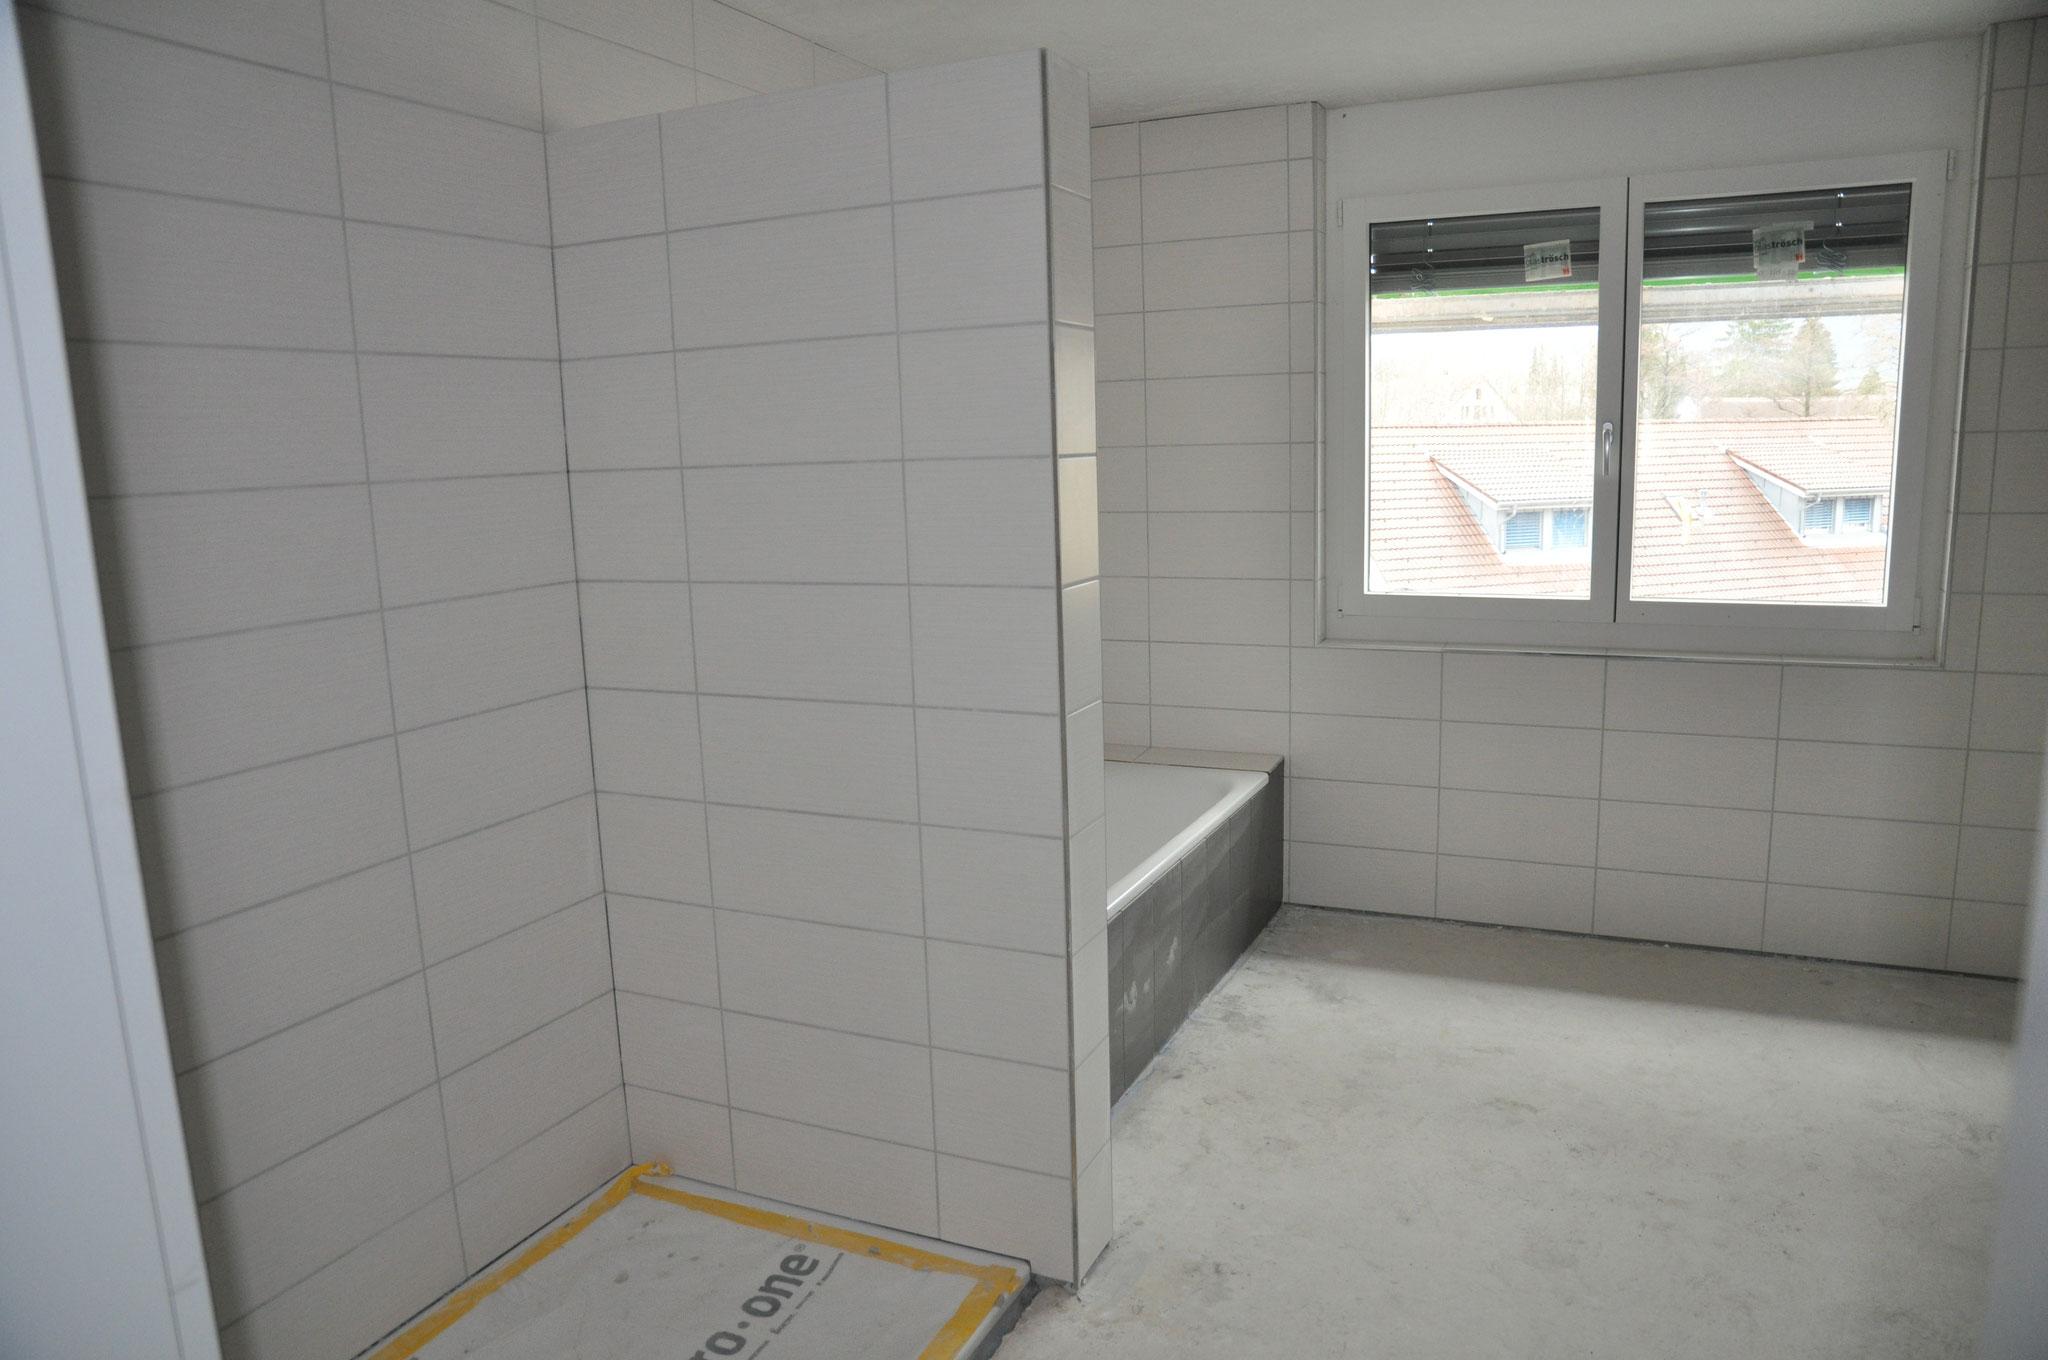 Das grosse Badezimmer im Innenausbau 4,5 Zimmer Wohnung Einheit B (März 2016)